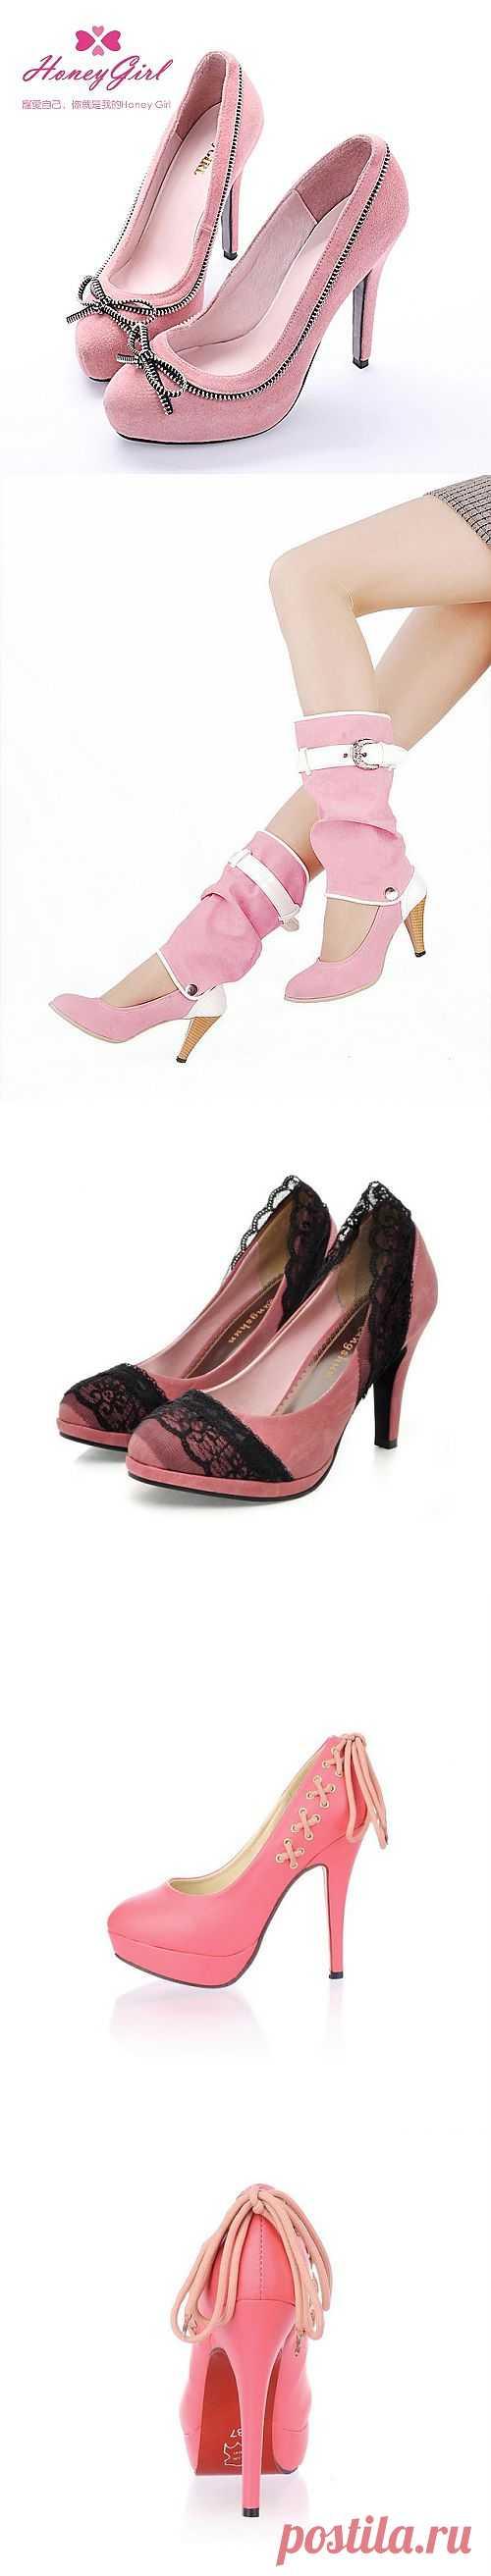 Обувные детальки (подборка) / Обувь / Модный сайт о стильной переделке одежды и интерьера